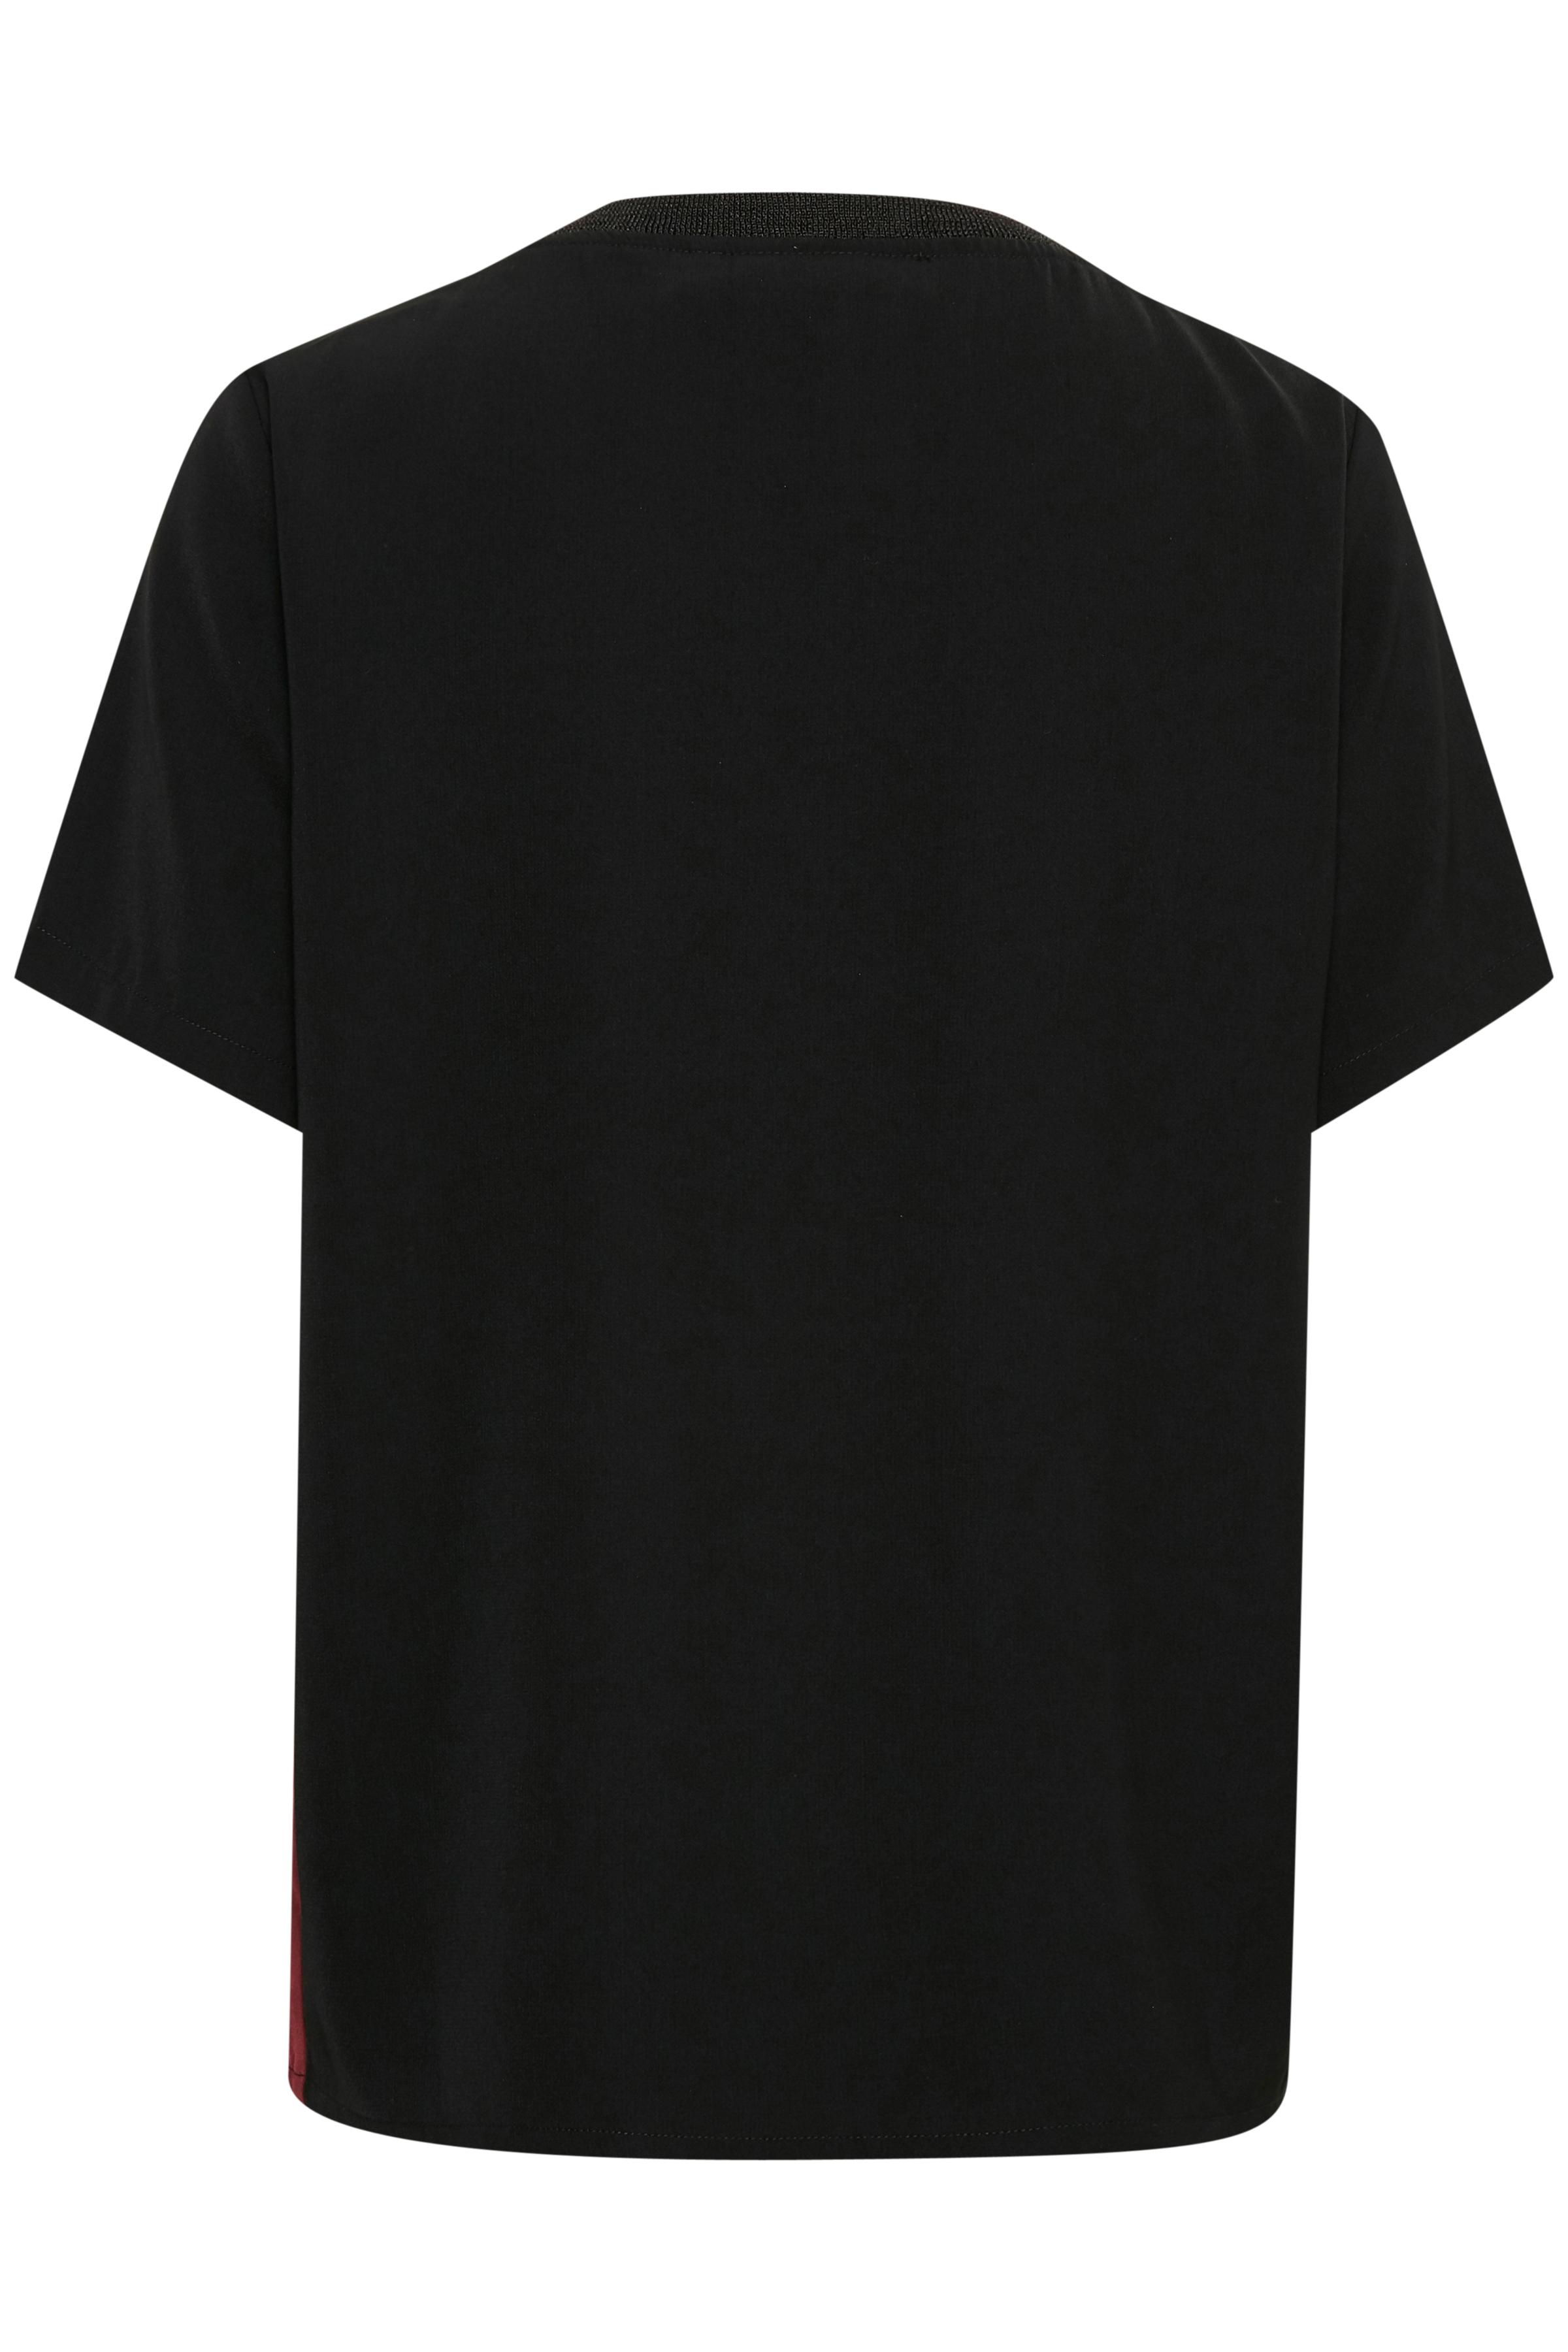 Sort/bordeaux Kortærmet bluse fra b.young – Køb Sort/bordeaux Kortærmet bluse fra str. 34-46 her